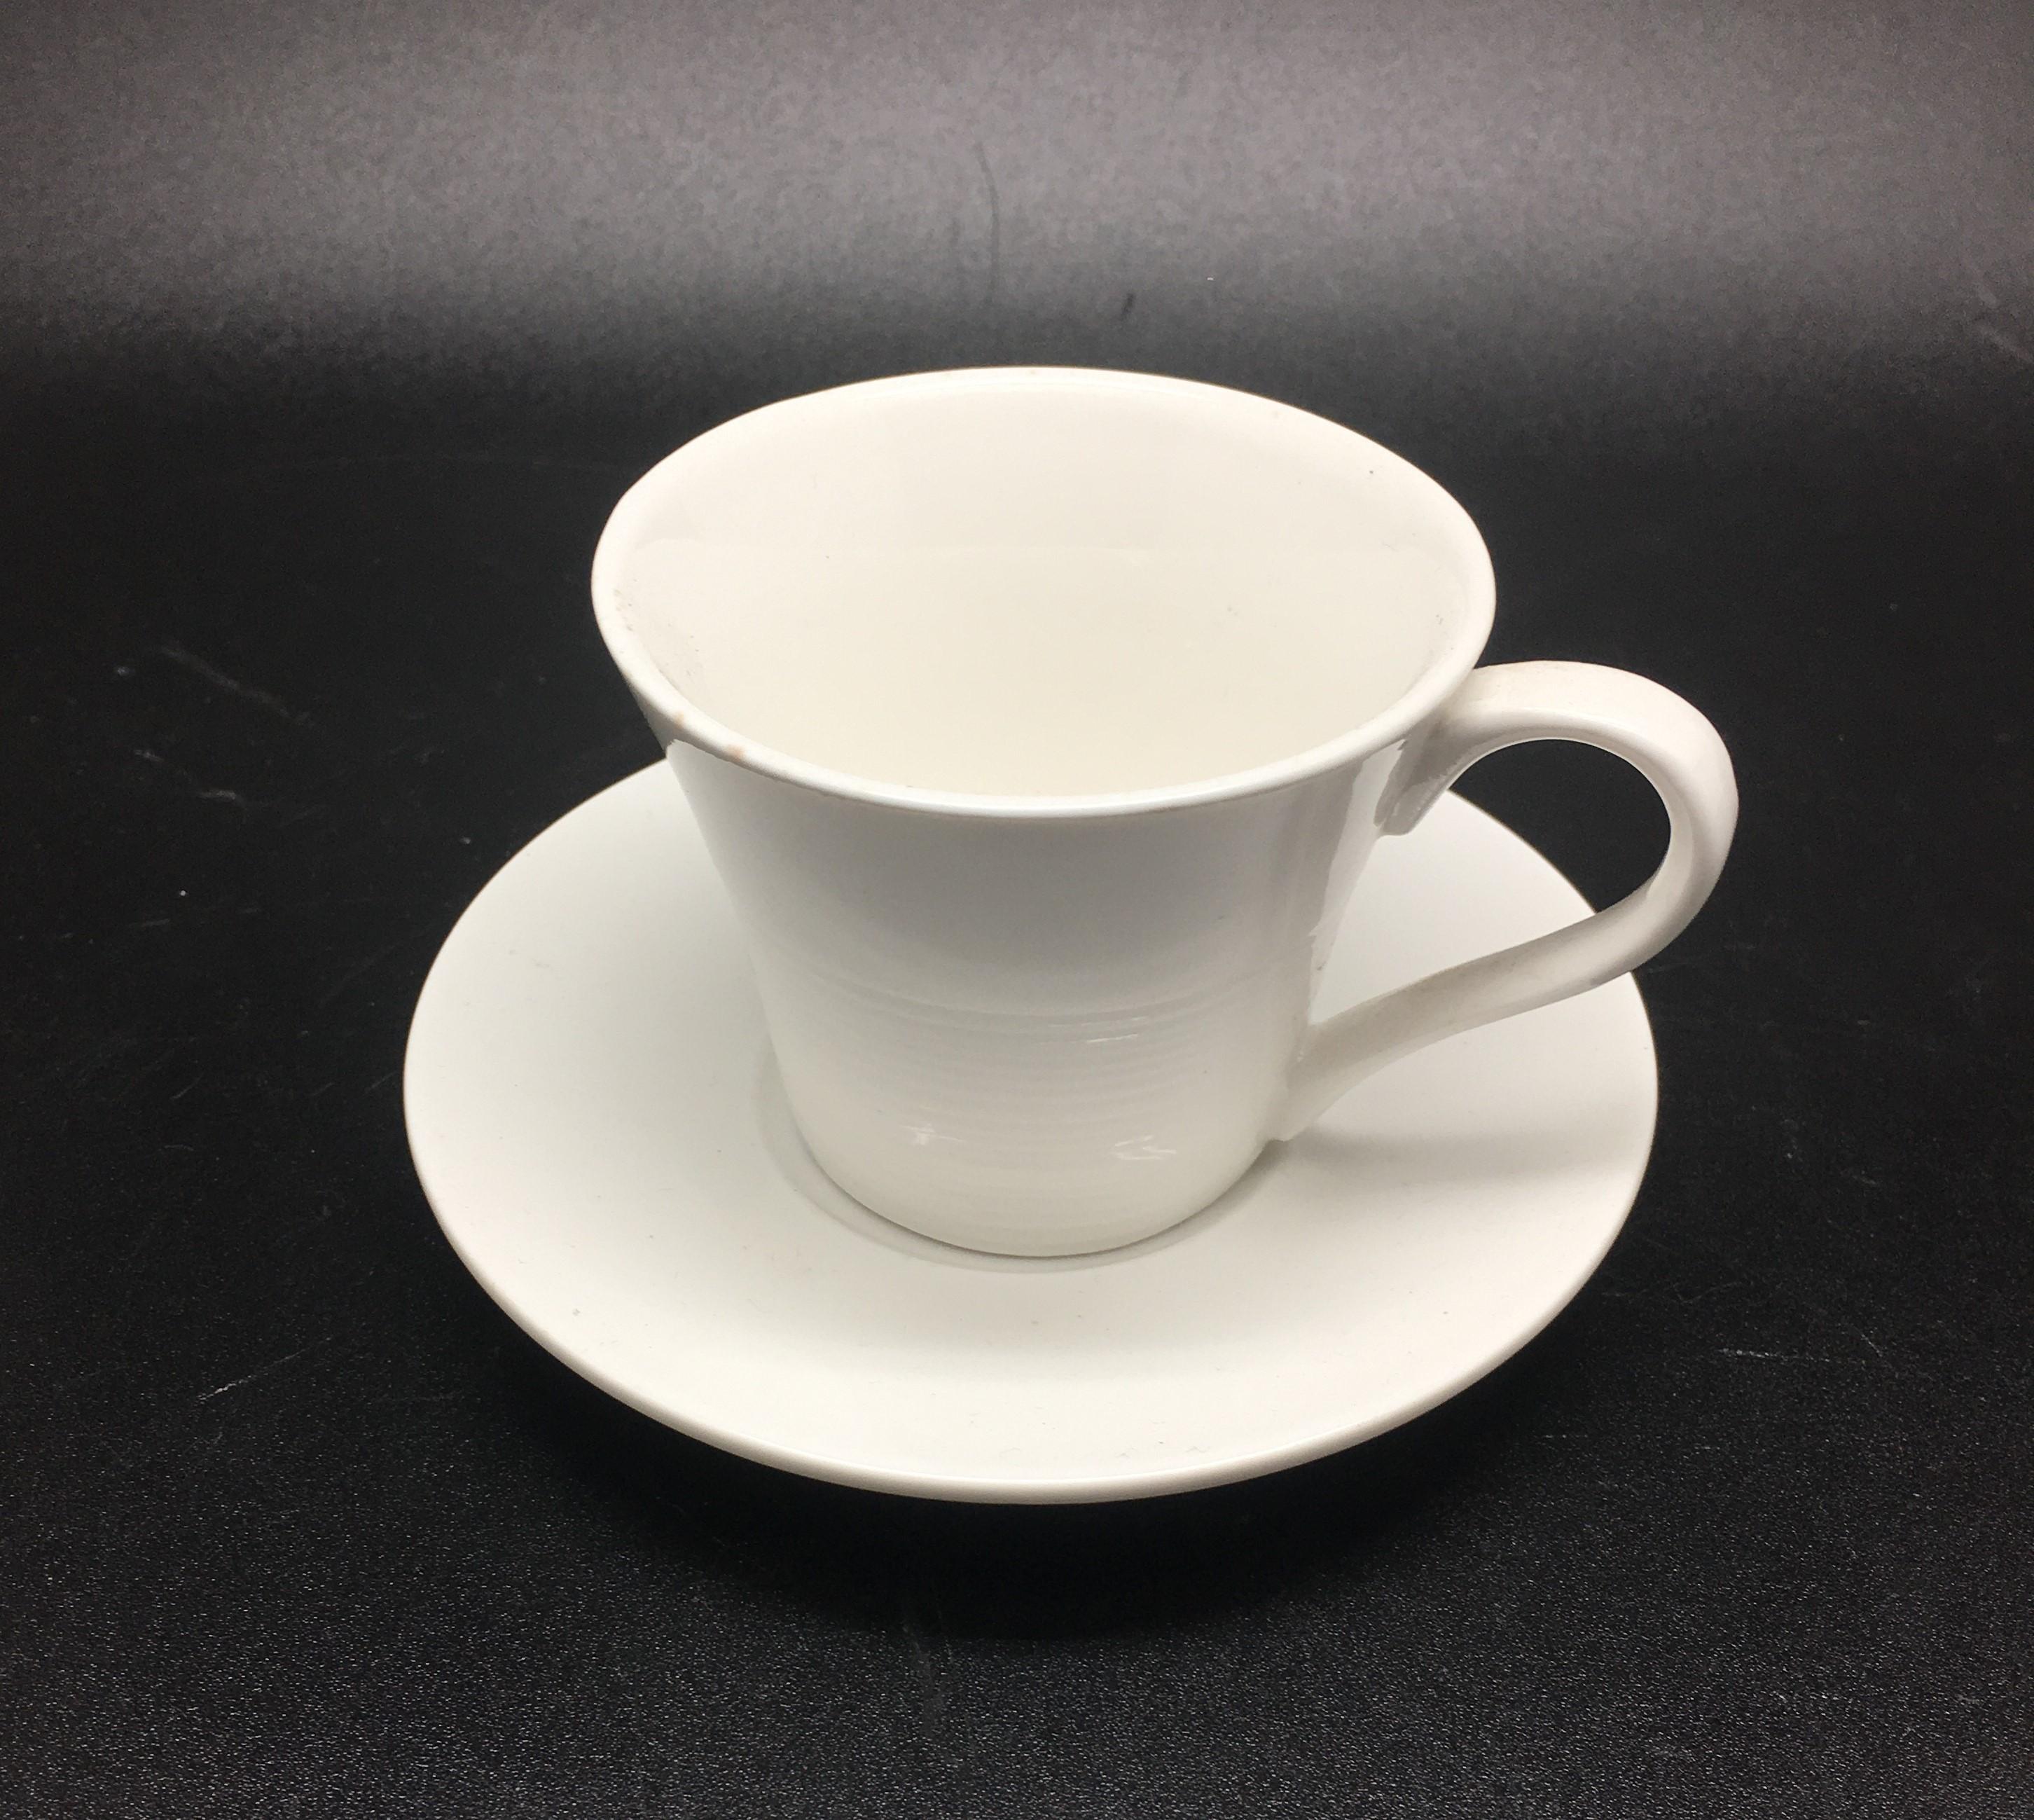 Shogun Espressso Cup D7xH5.2 cm 75cc & Saucer D10.5 cm